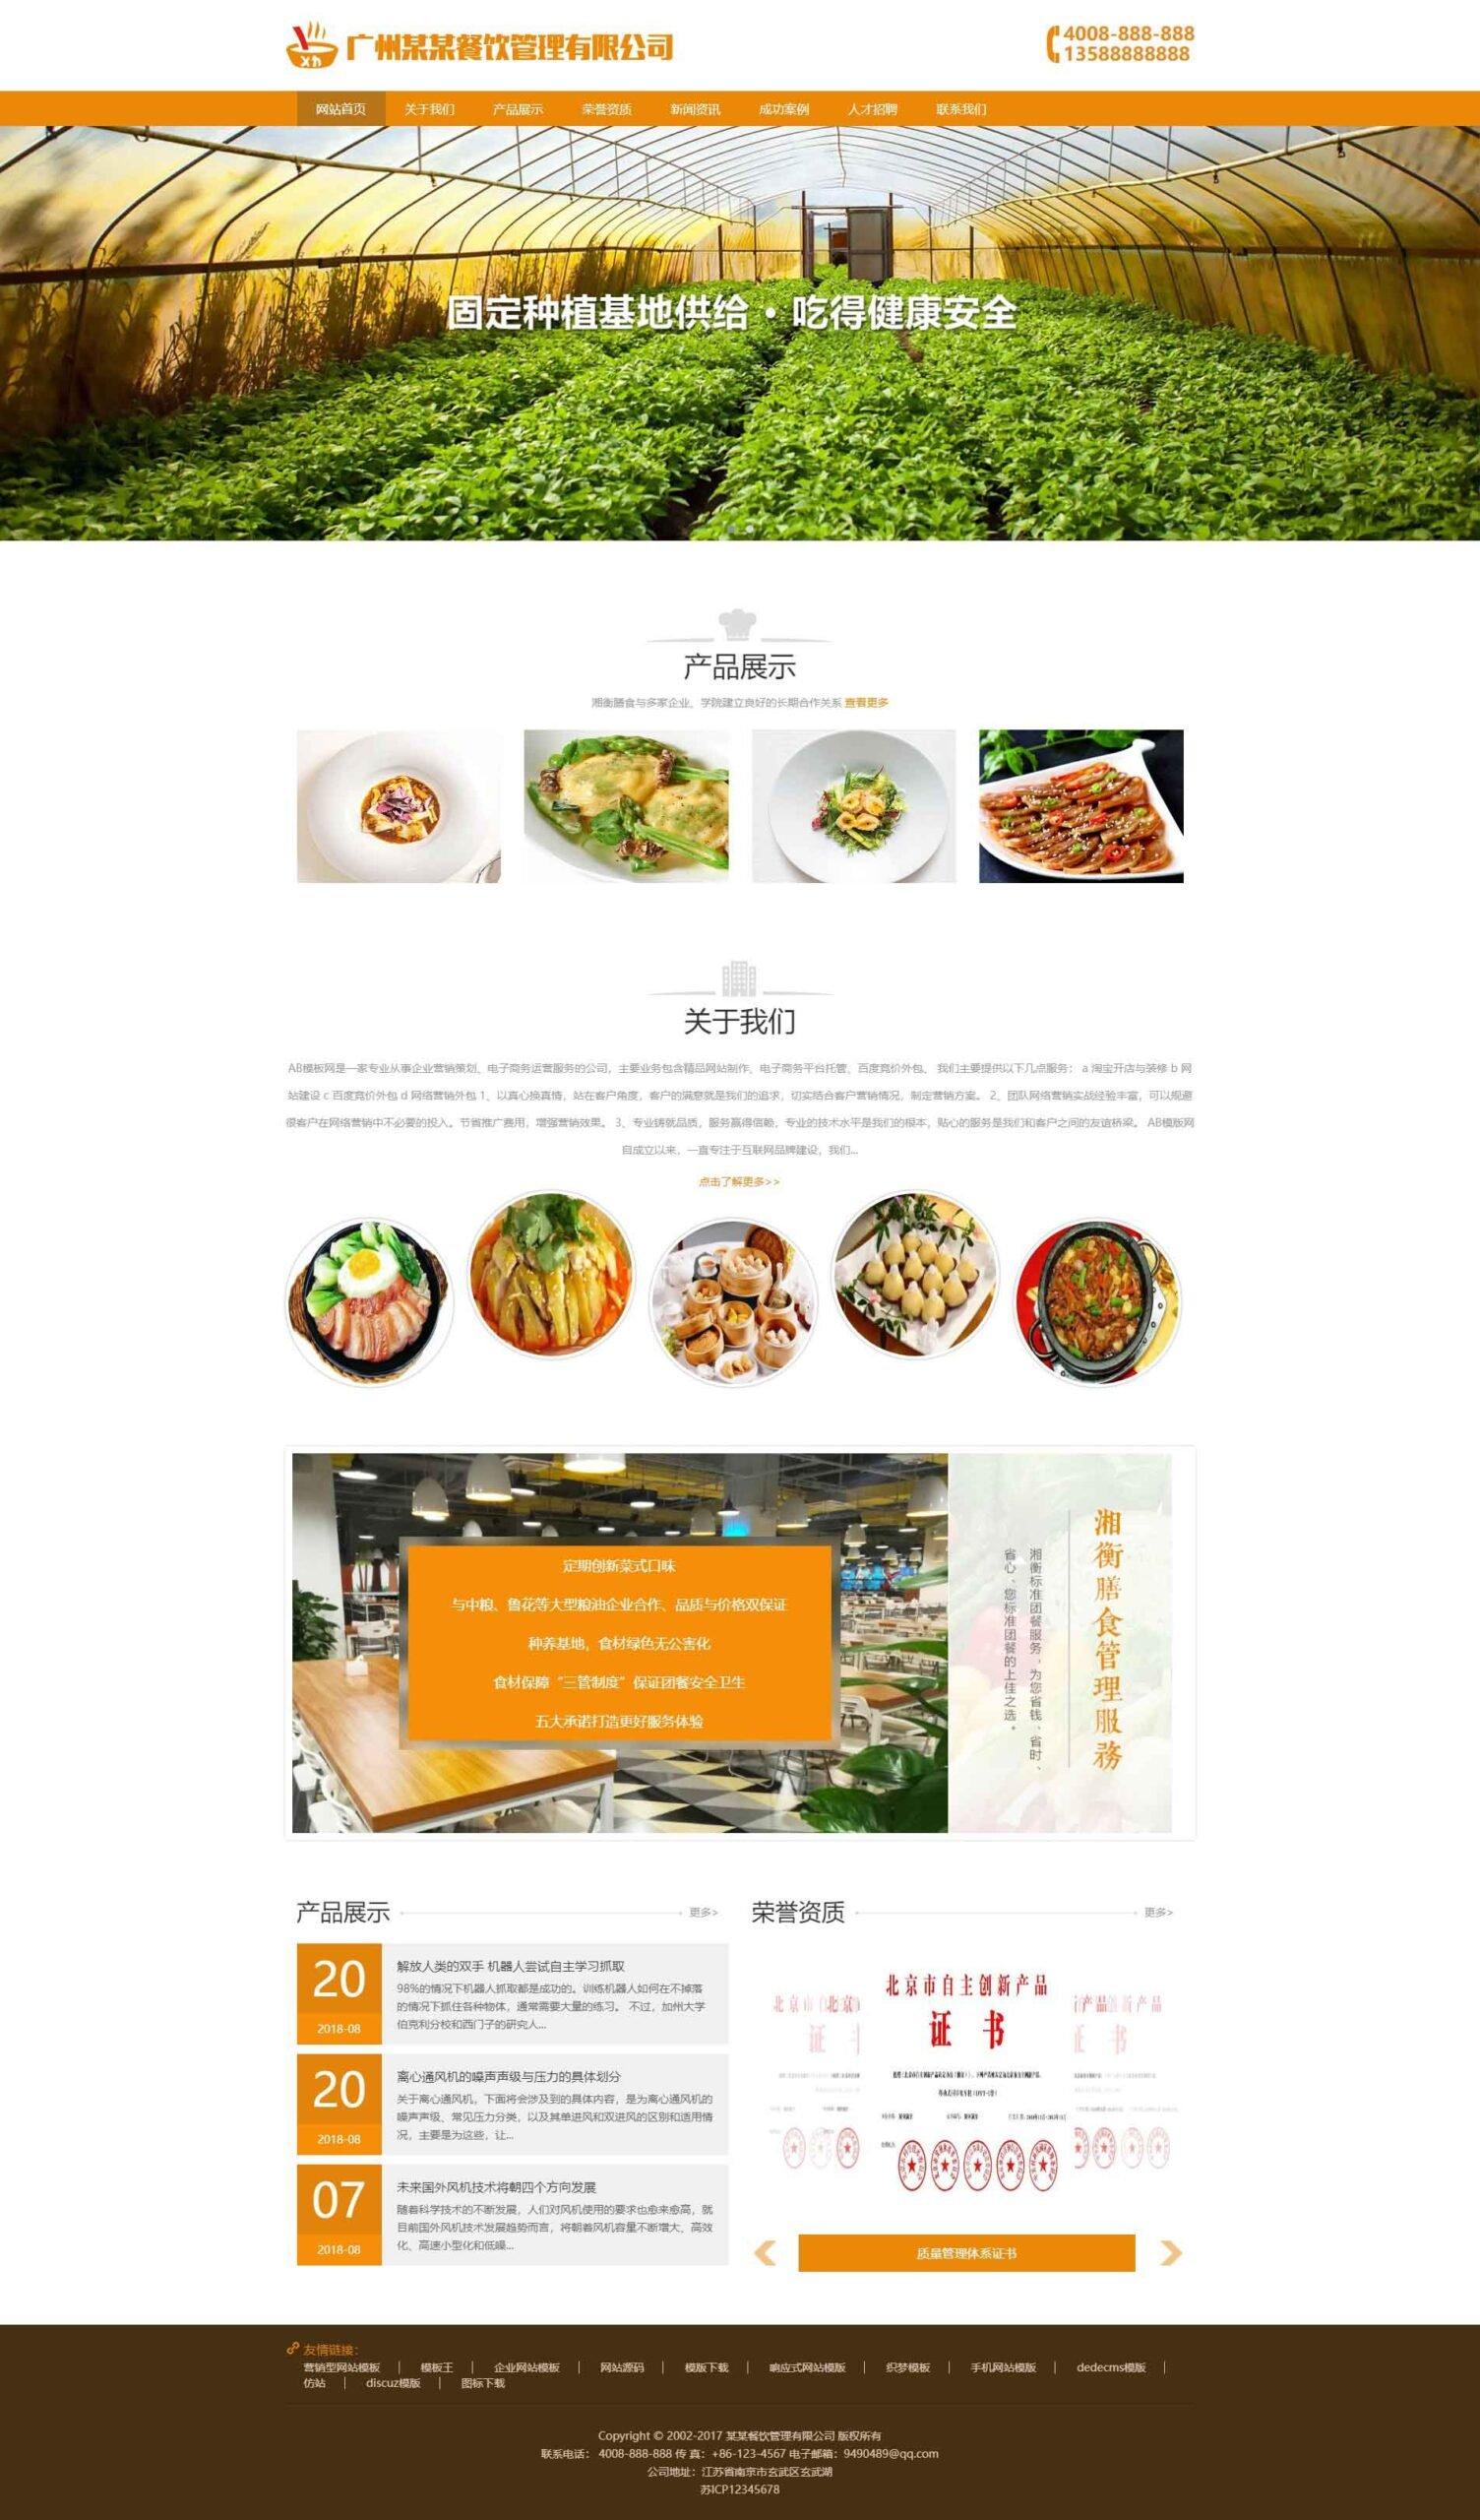 餐饮管理企业网站织梦dede模板源码[自适应手机版]插图